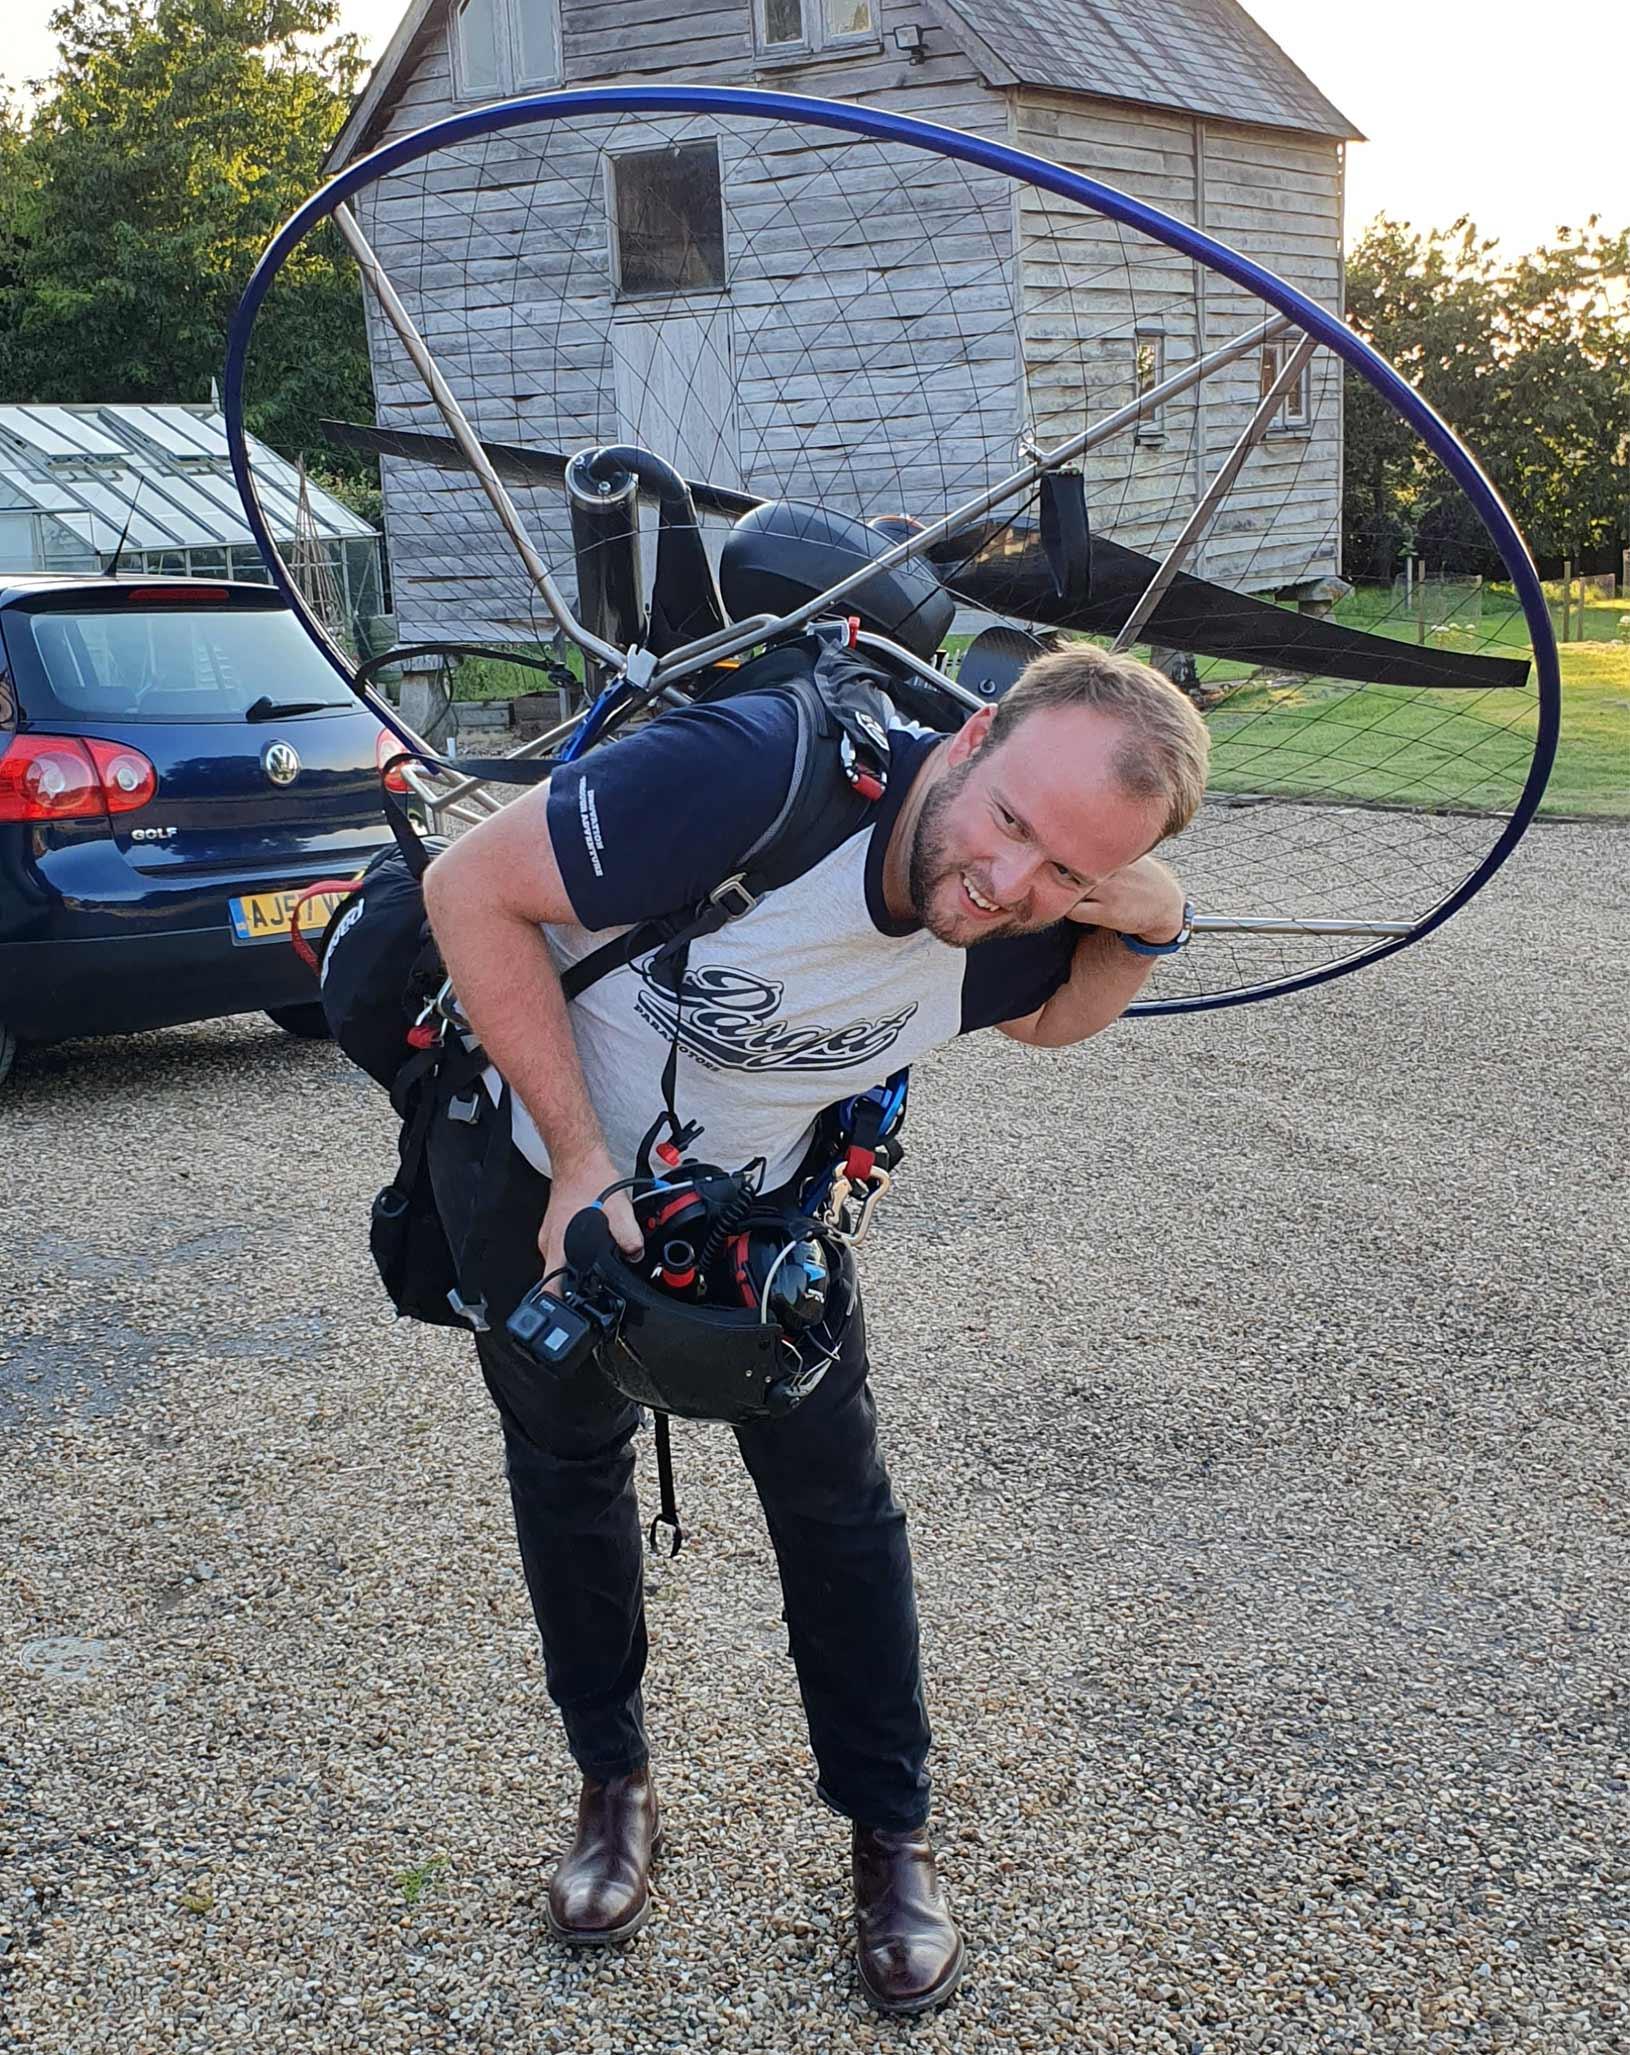 Ben Raven paramotor training instructor